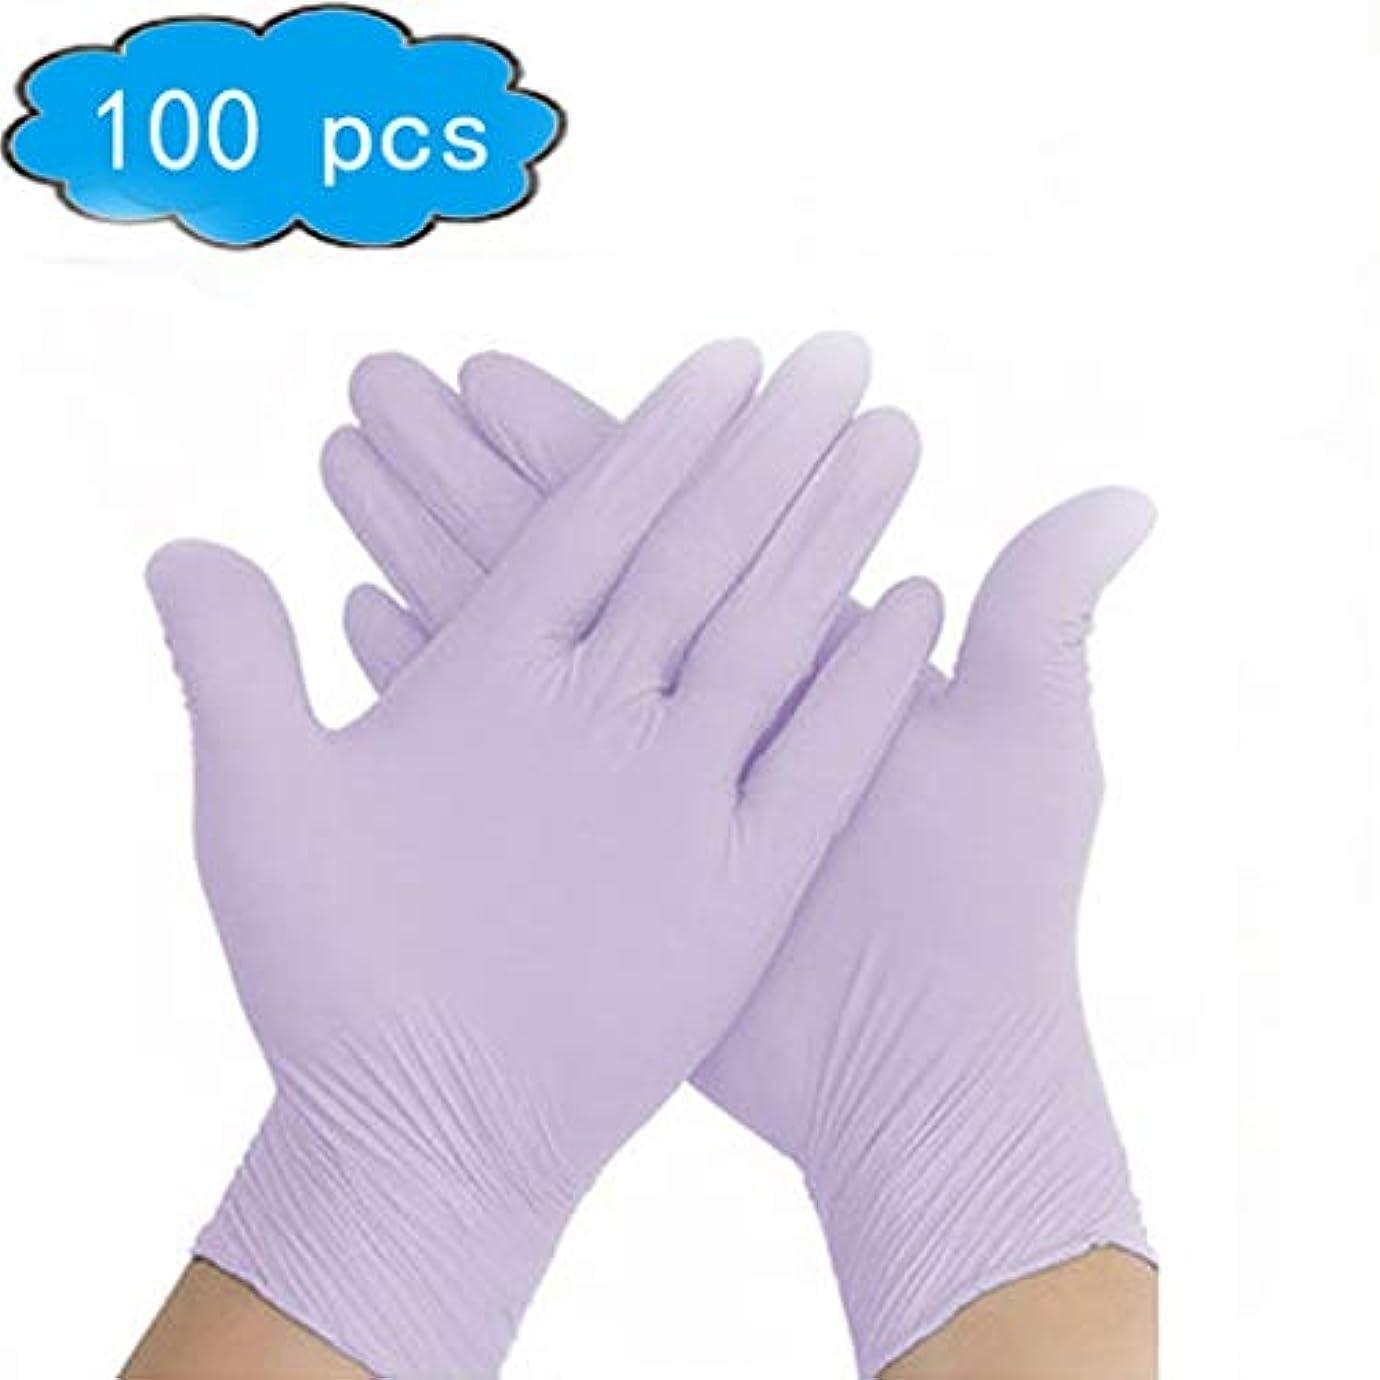 鎮静剤特異な心配するニトリル手袋 - 医療用グレード、パウダーフリー、使い捨て、非滅菌、食品安全、テクスチャード加工、紫色、便利なディスペンサーパッケージ100、中サイズ、サニタリー手袋 (Color : Purple, Size : L)